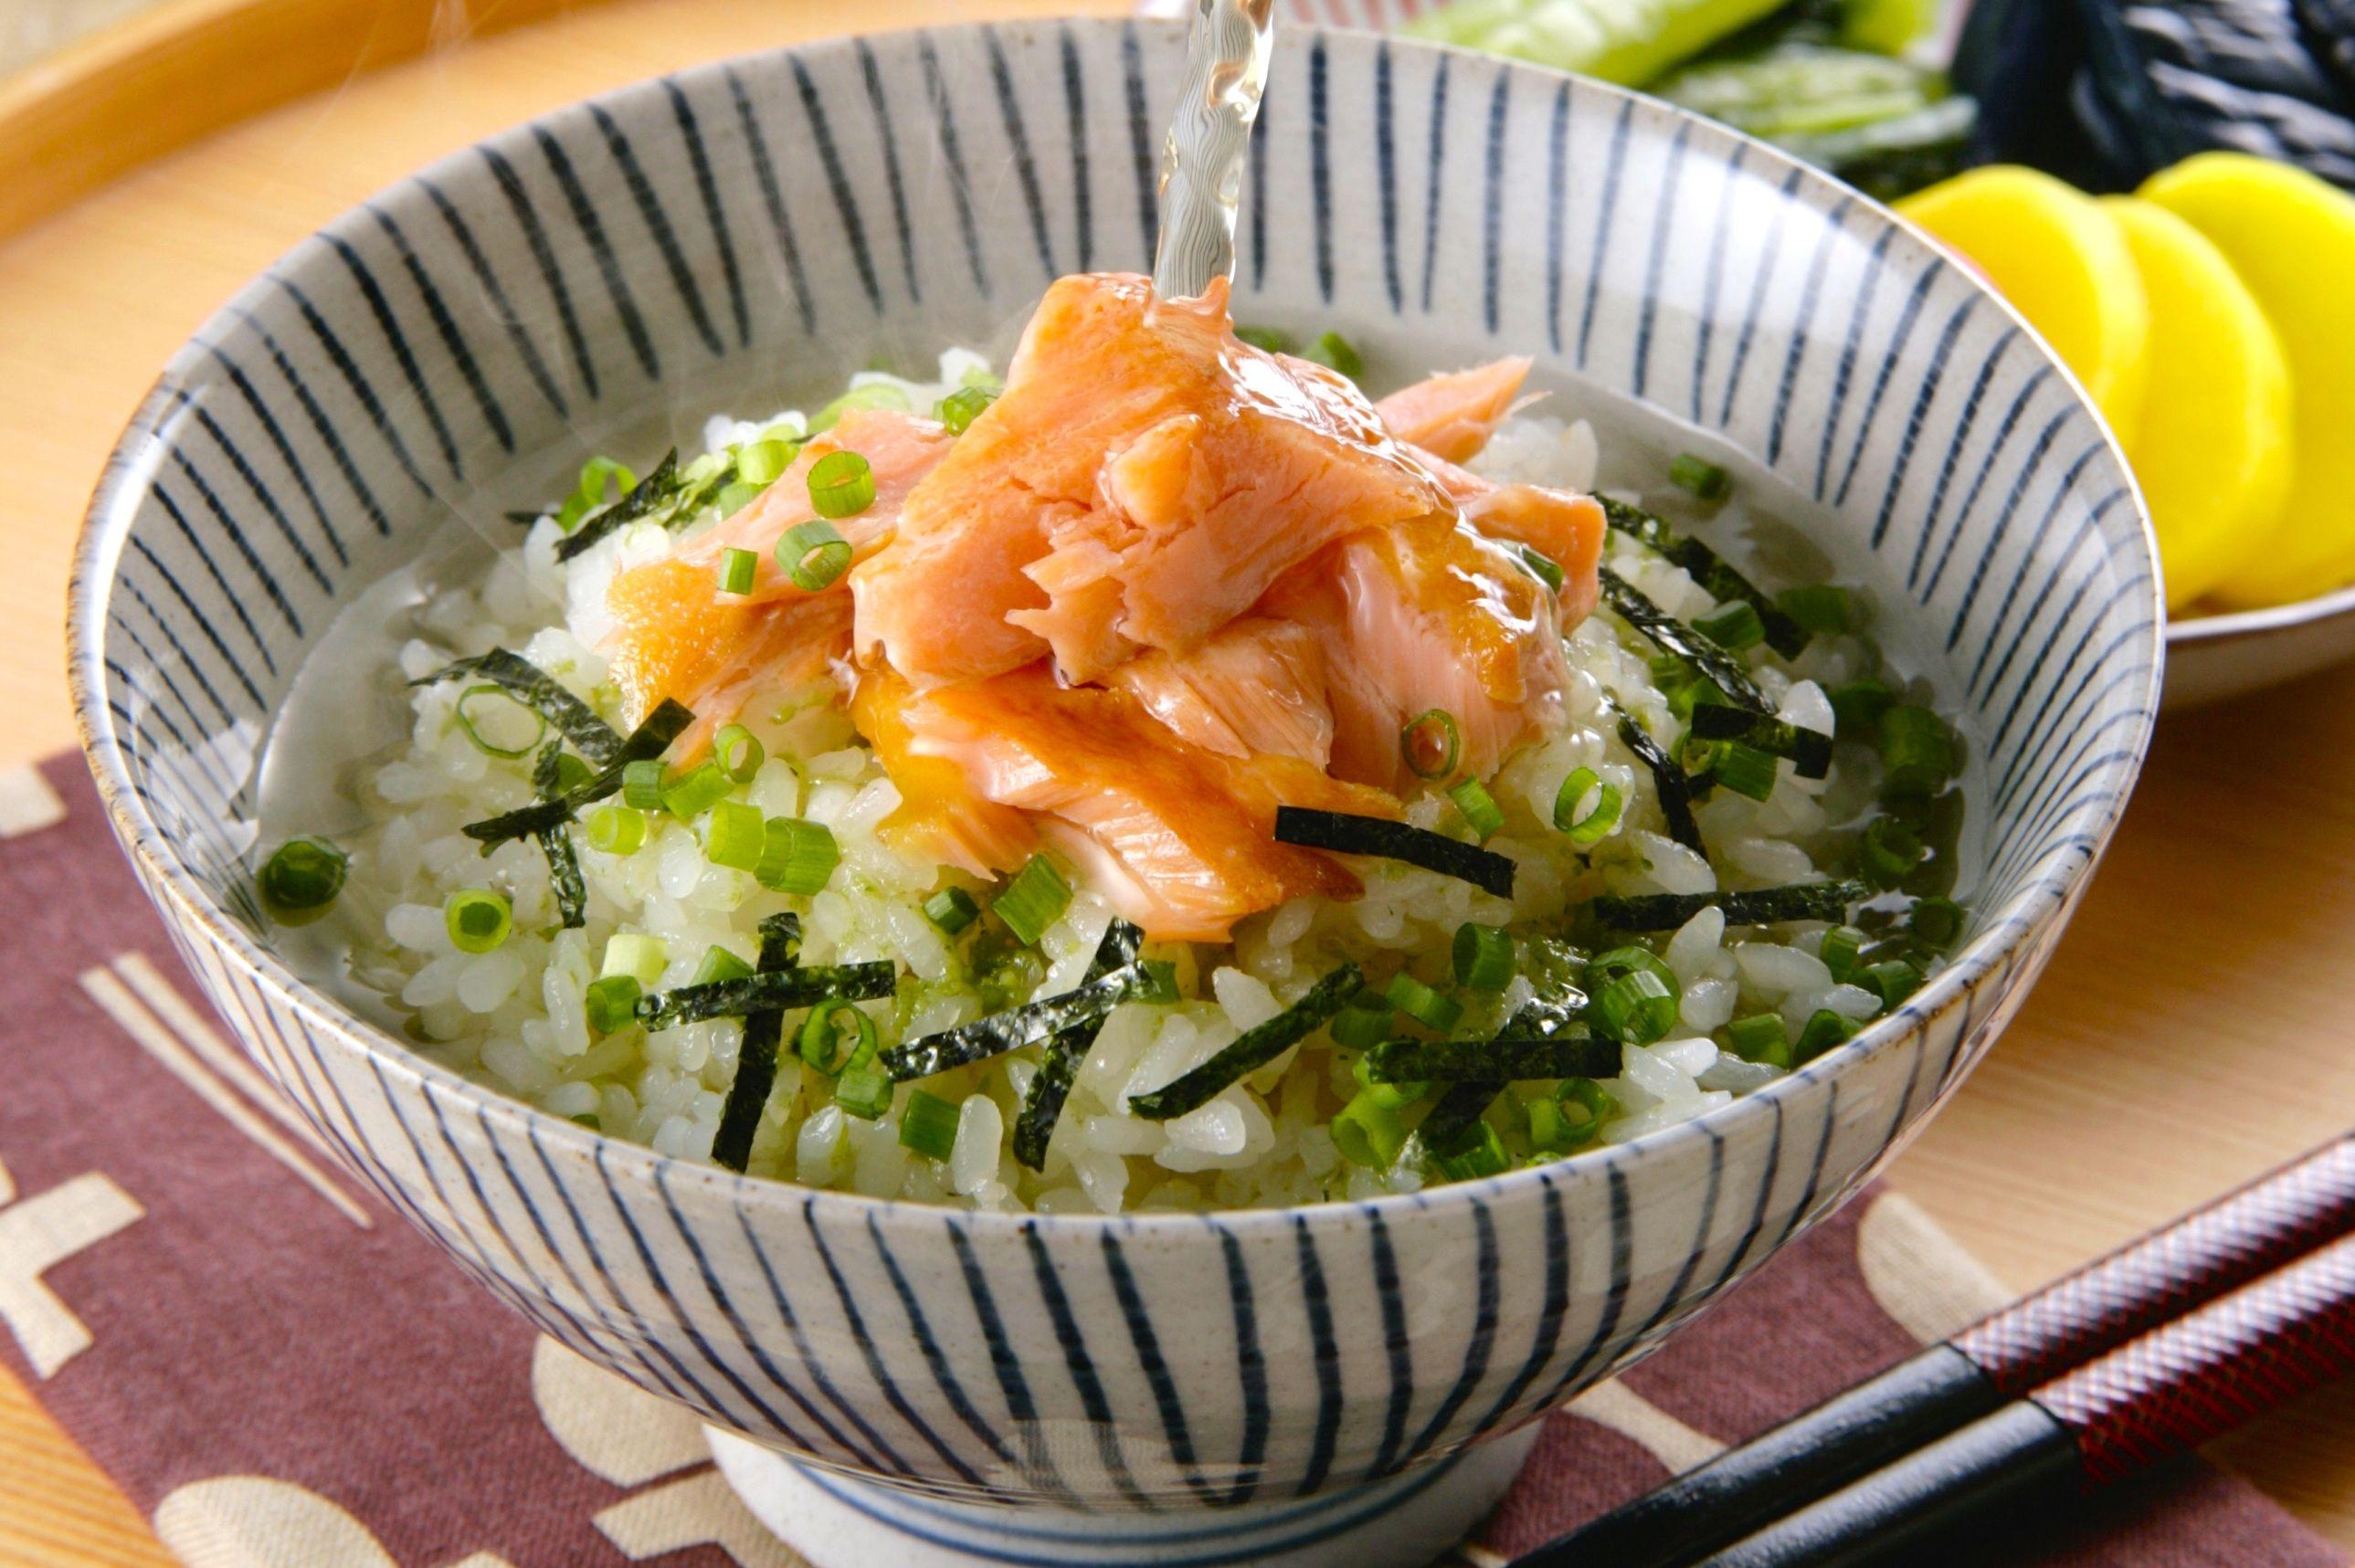 Как Приготовить Японский Суп Из Зеленого Чая - описание и основные характеристики